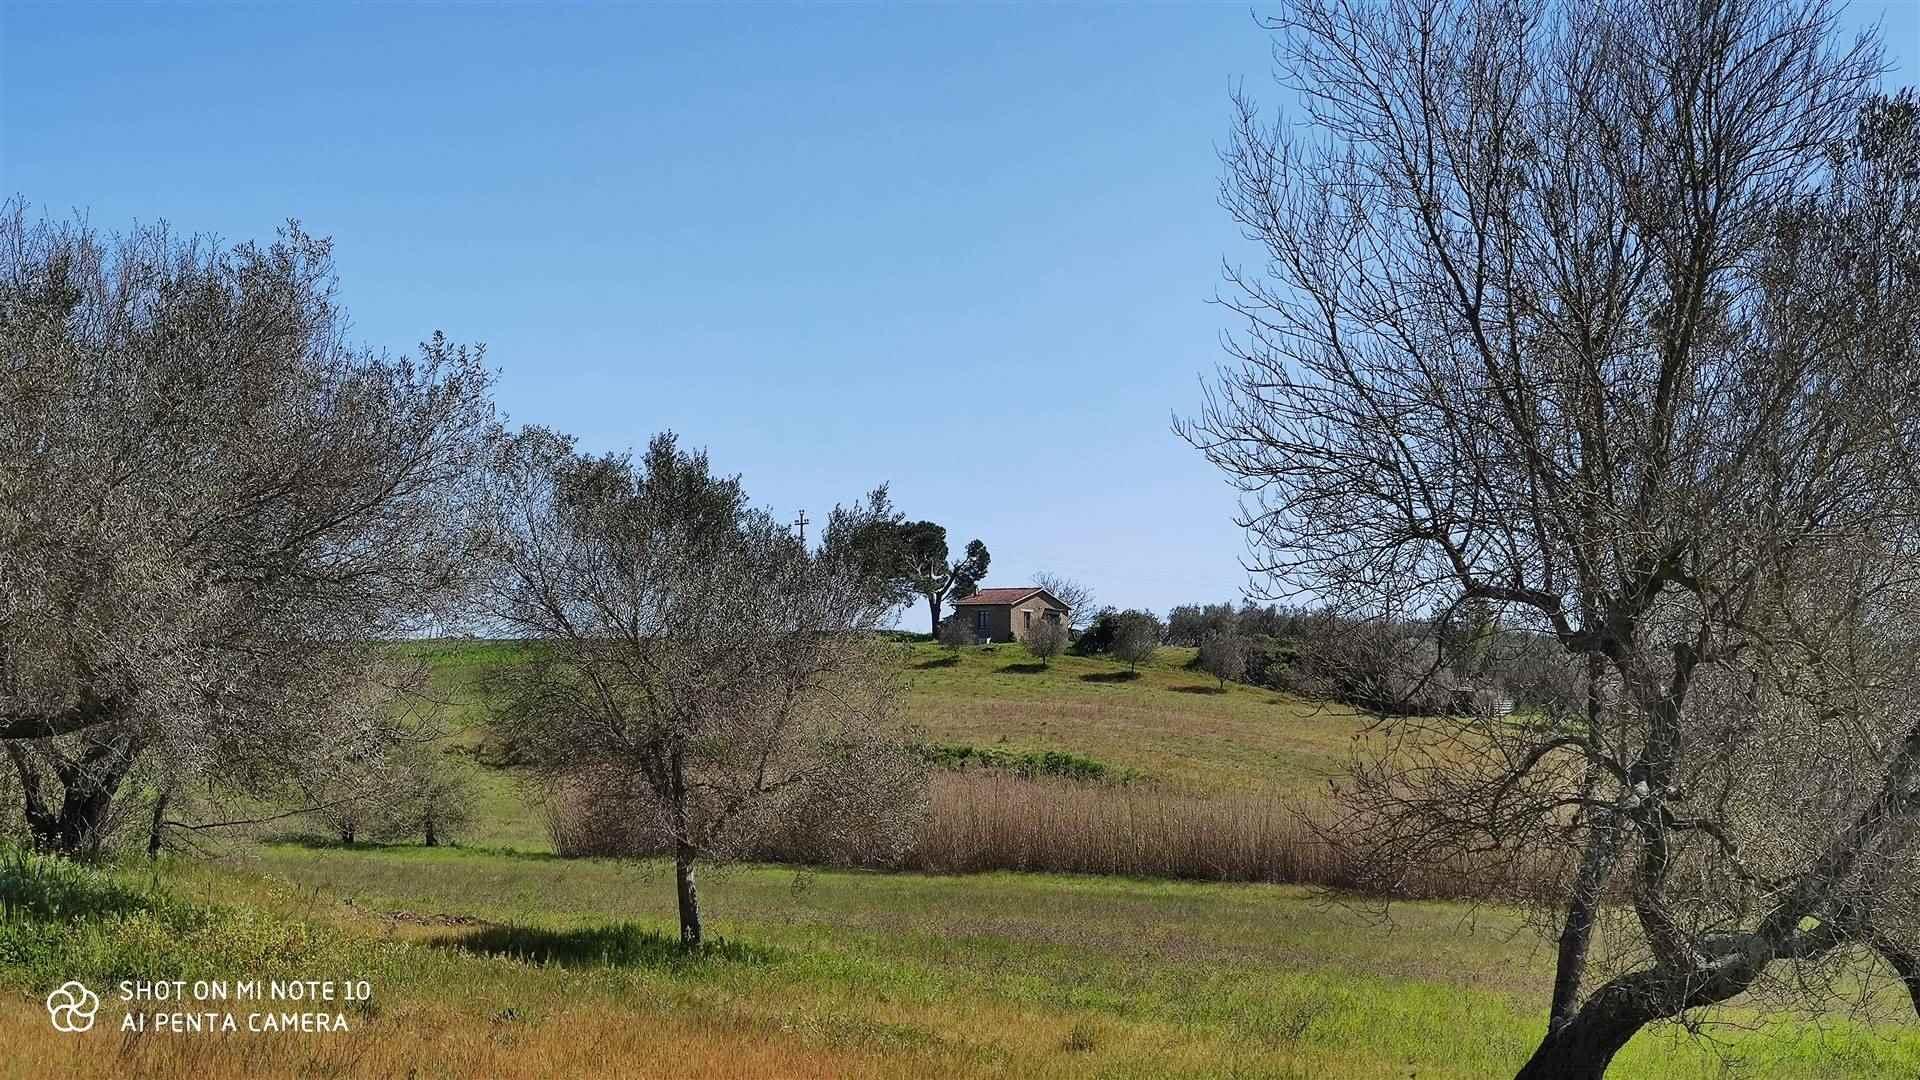 Terreno Agricolo in vendita a Montefiascone, 1 locali, zona Zona: Commenda, prezzo € 120.000 | CambioCasa.it